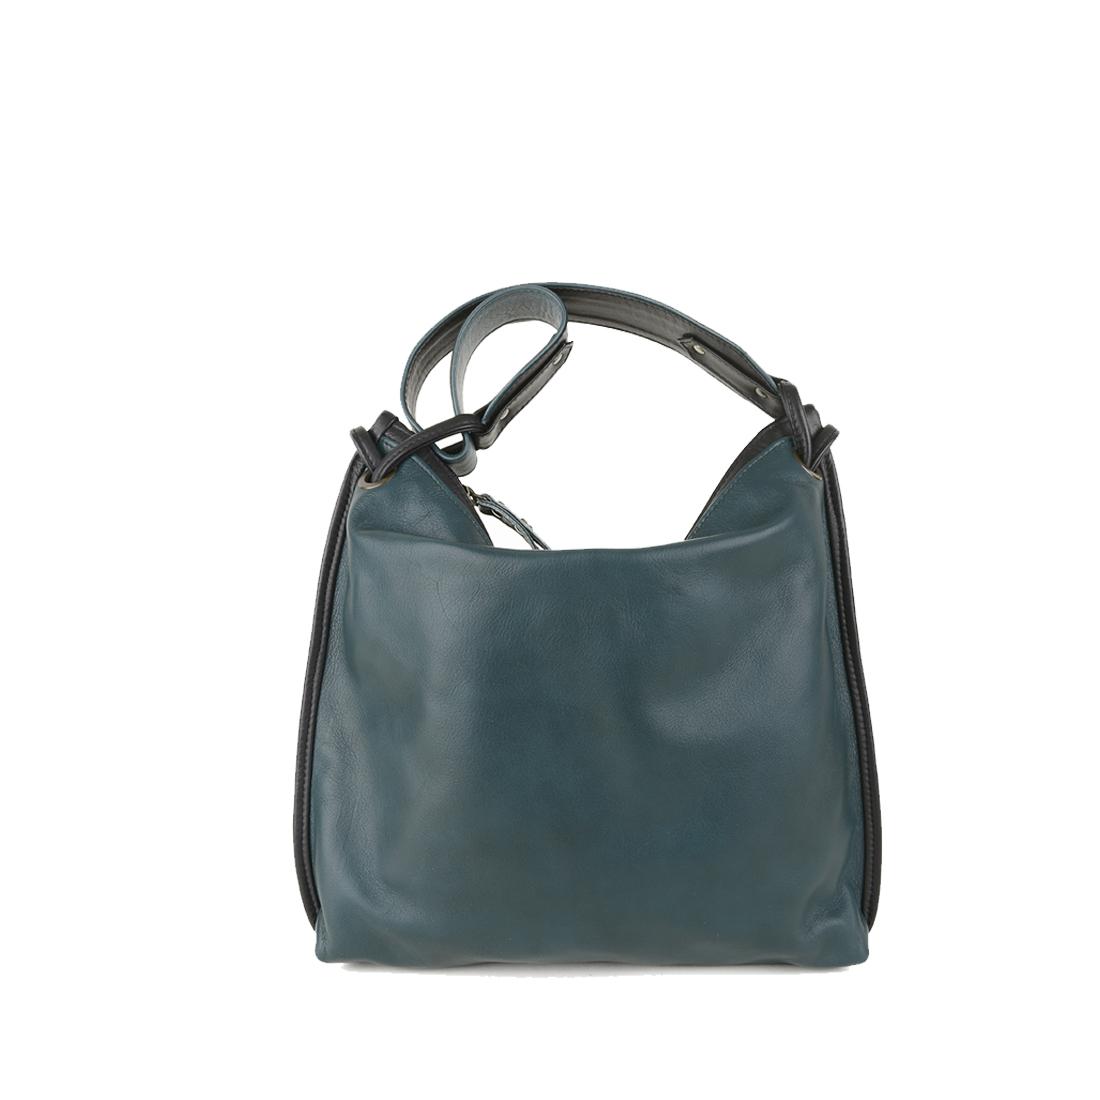 Maria Teal Black Leather Shoulder Bag